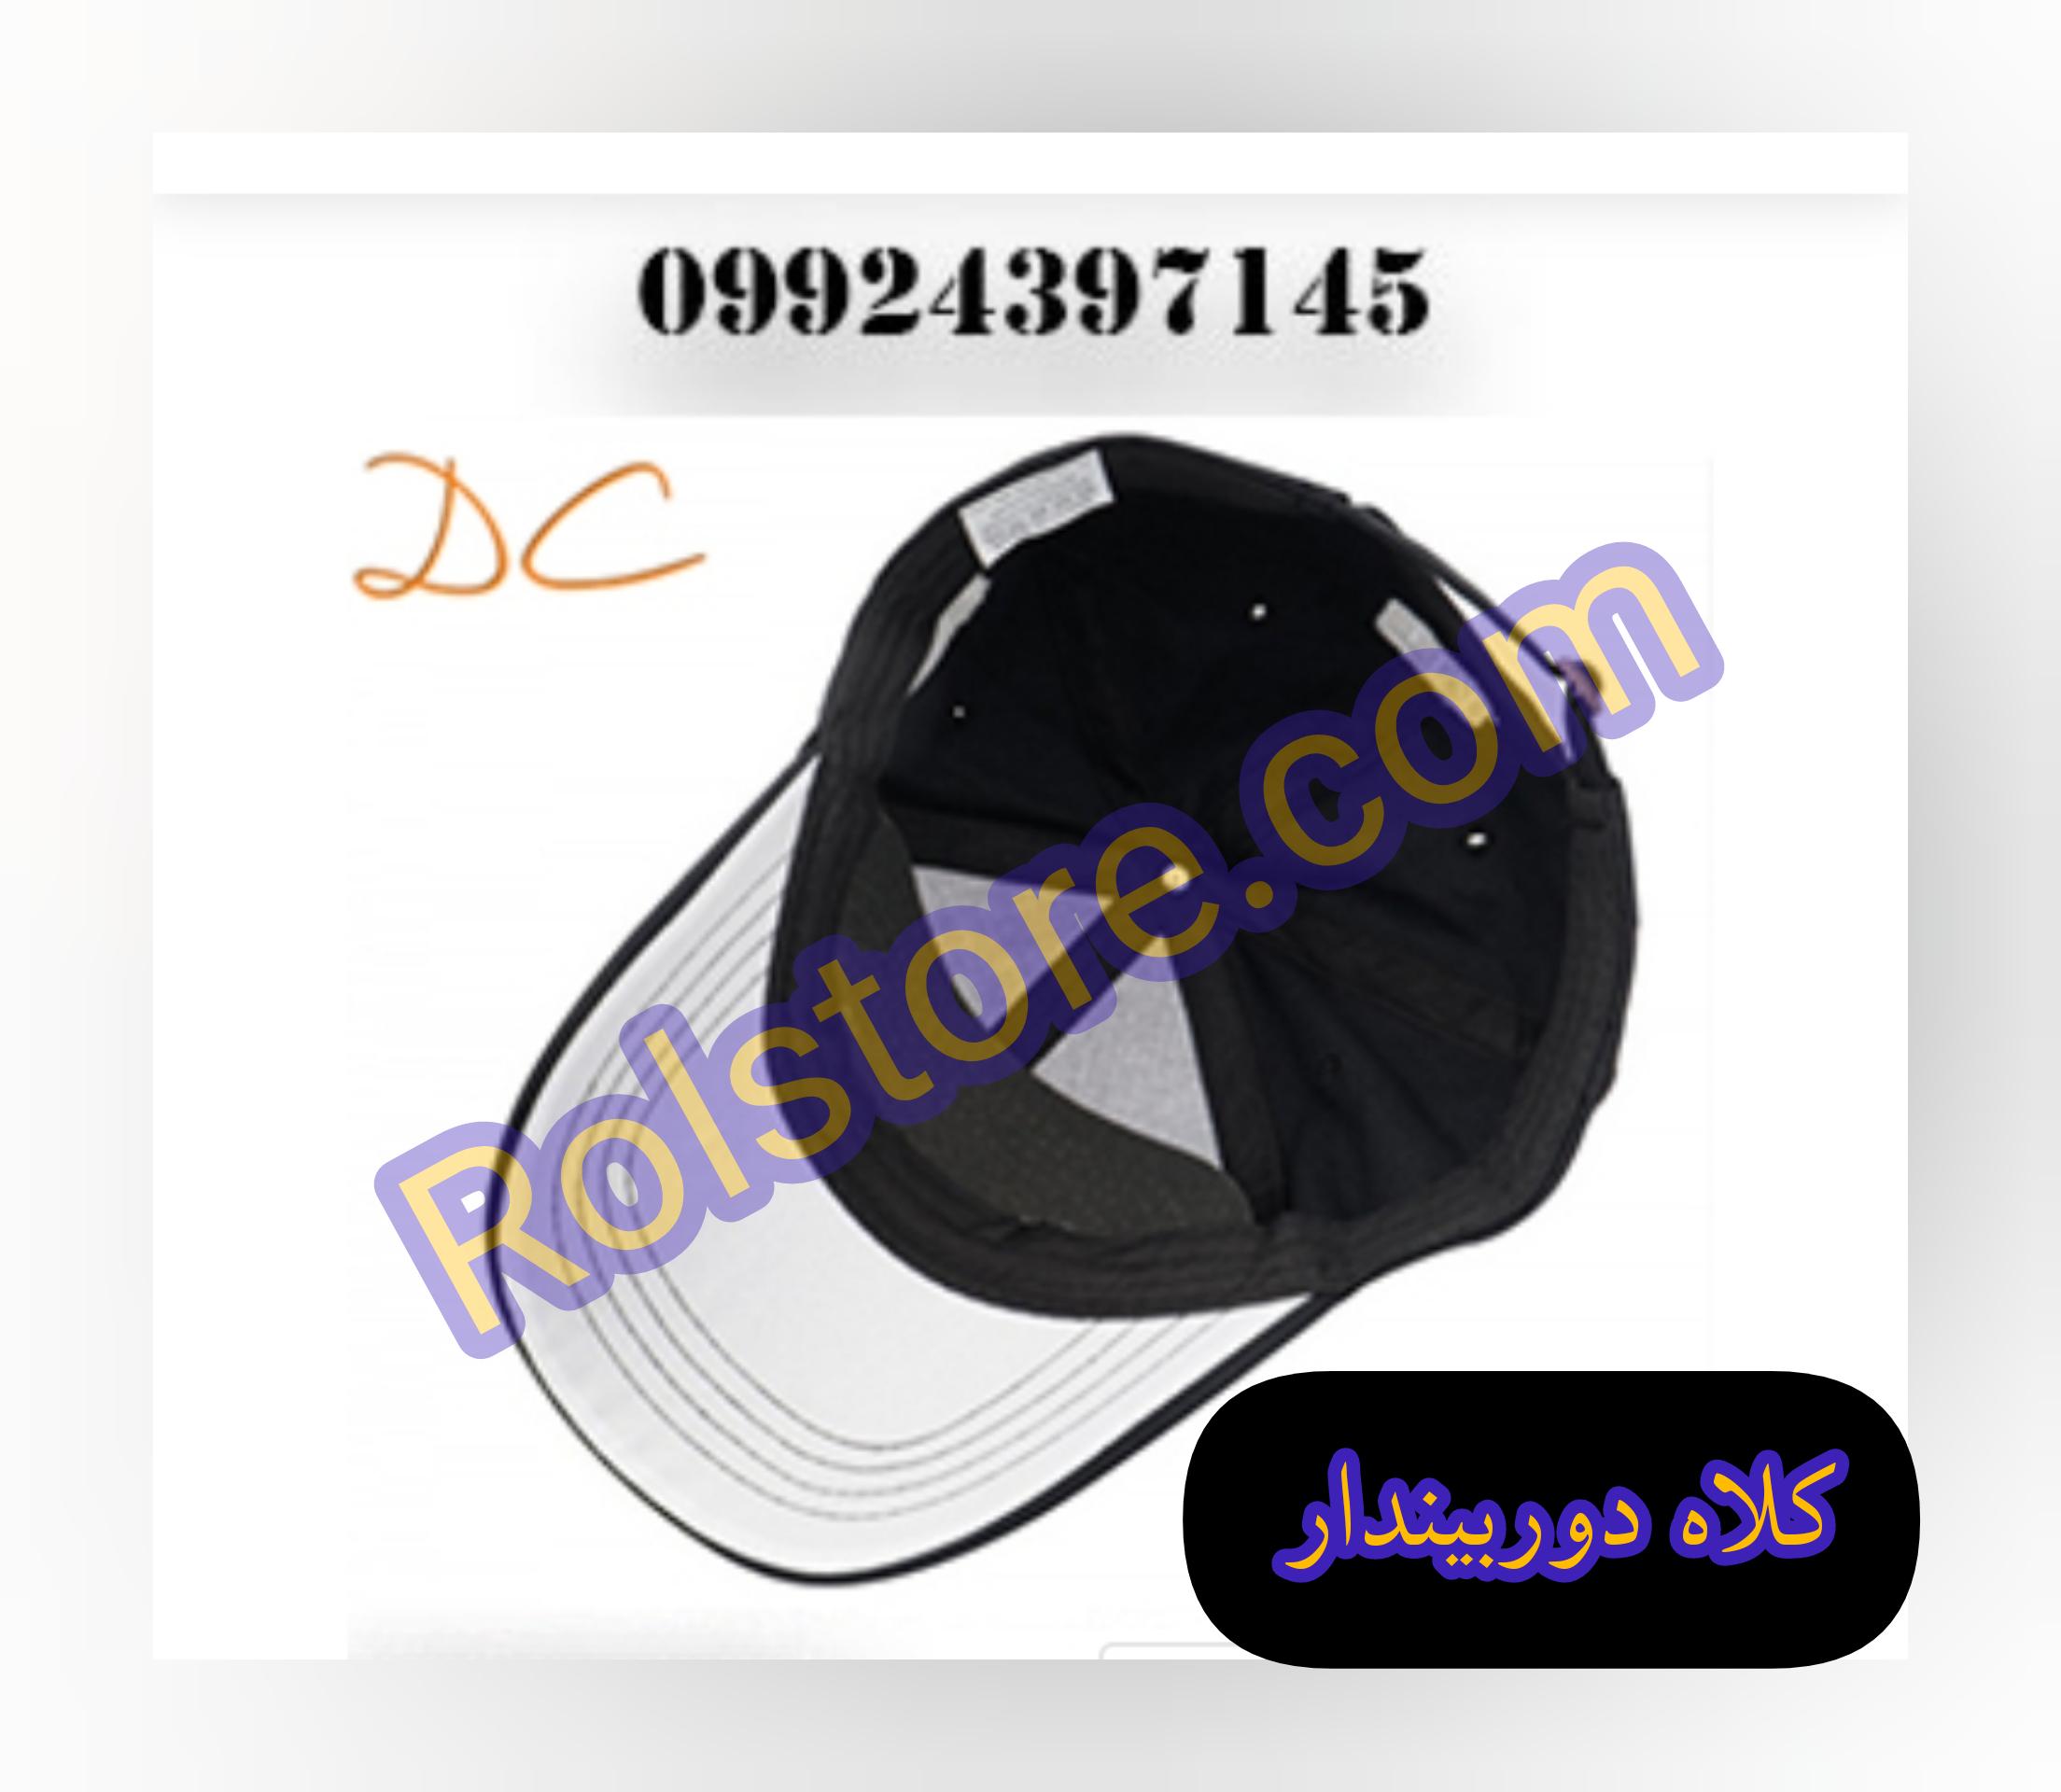 کلاه دوربیندار مخفی/۰۹۹۲۴۳۹۷۱۴۵/فیلمبرداری کاملا مخفیانه